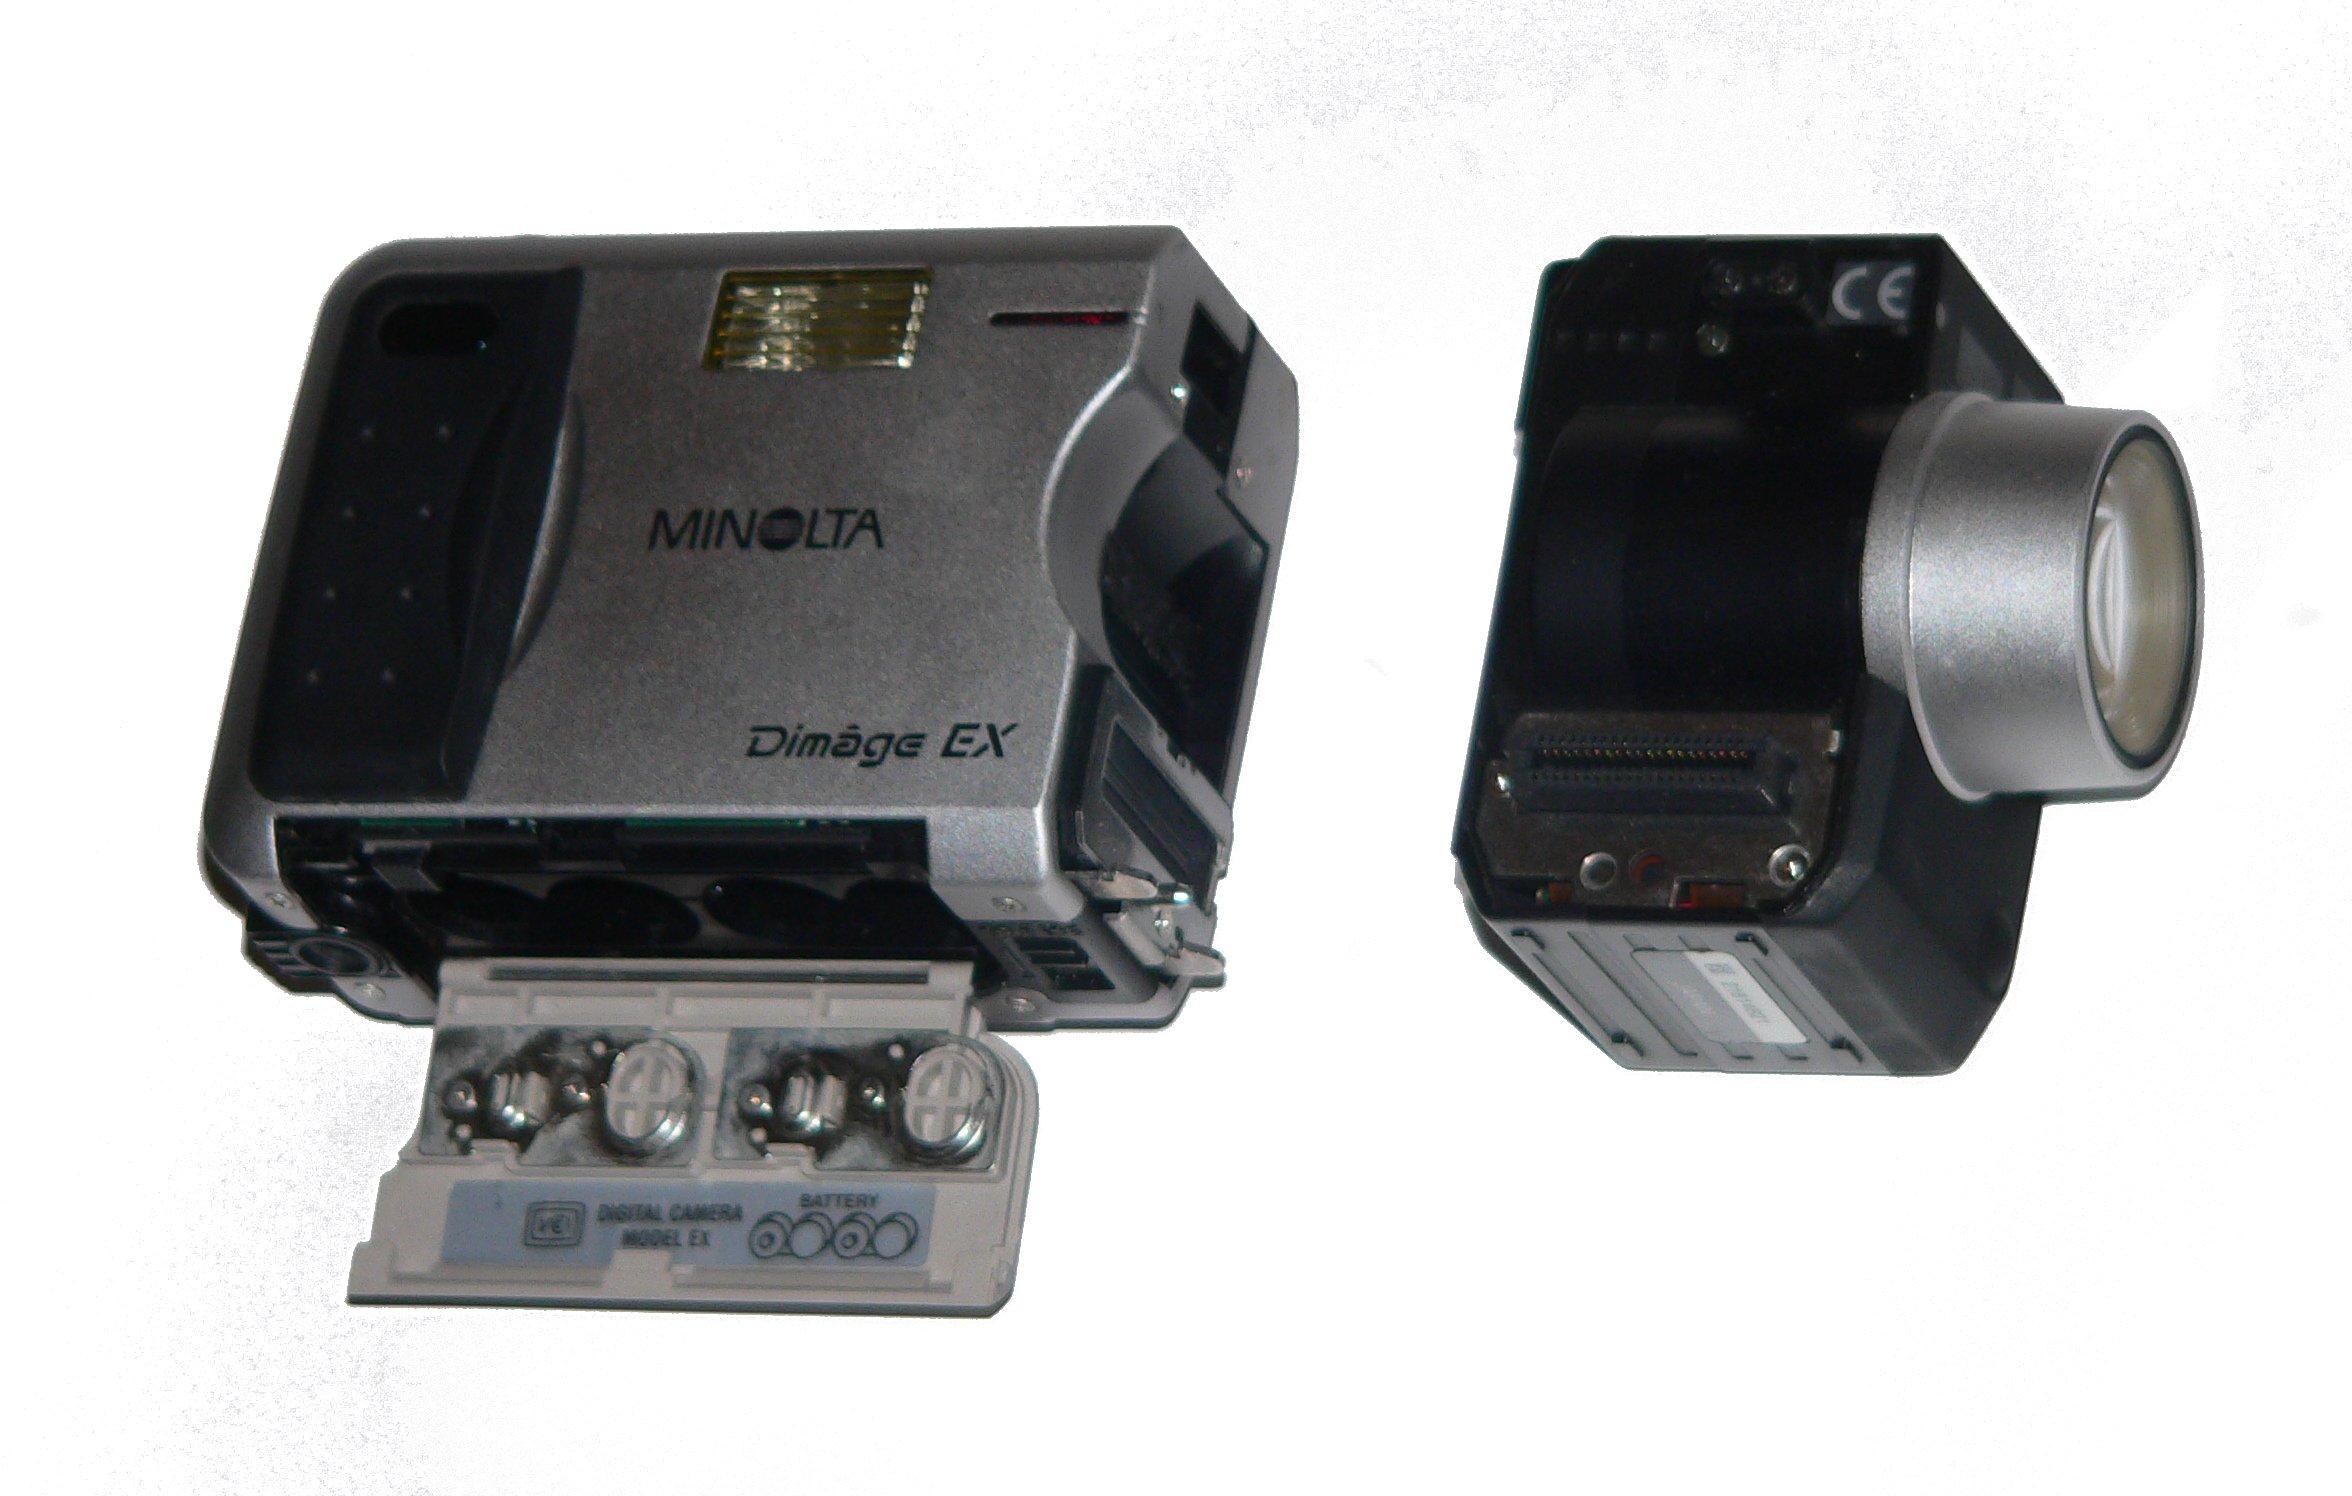 Minolta Dimage EX 1500